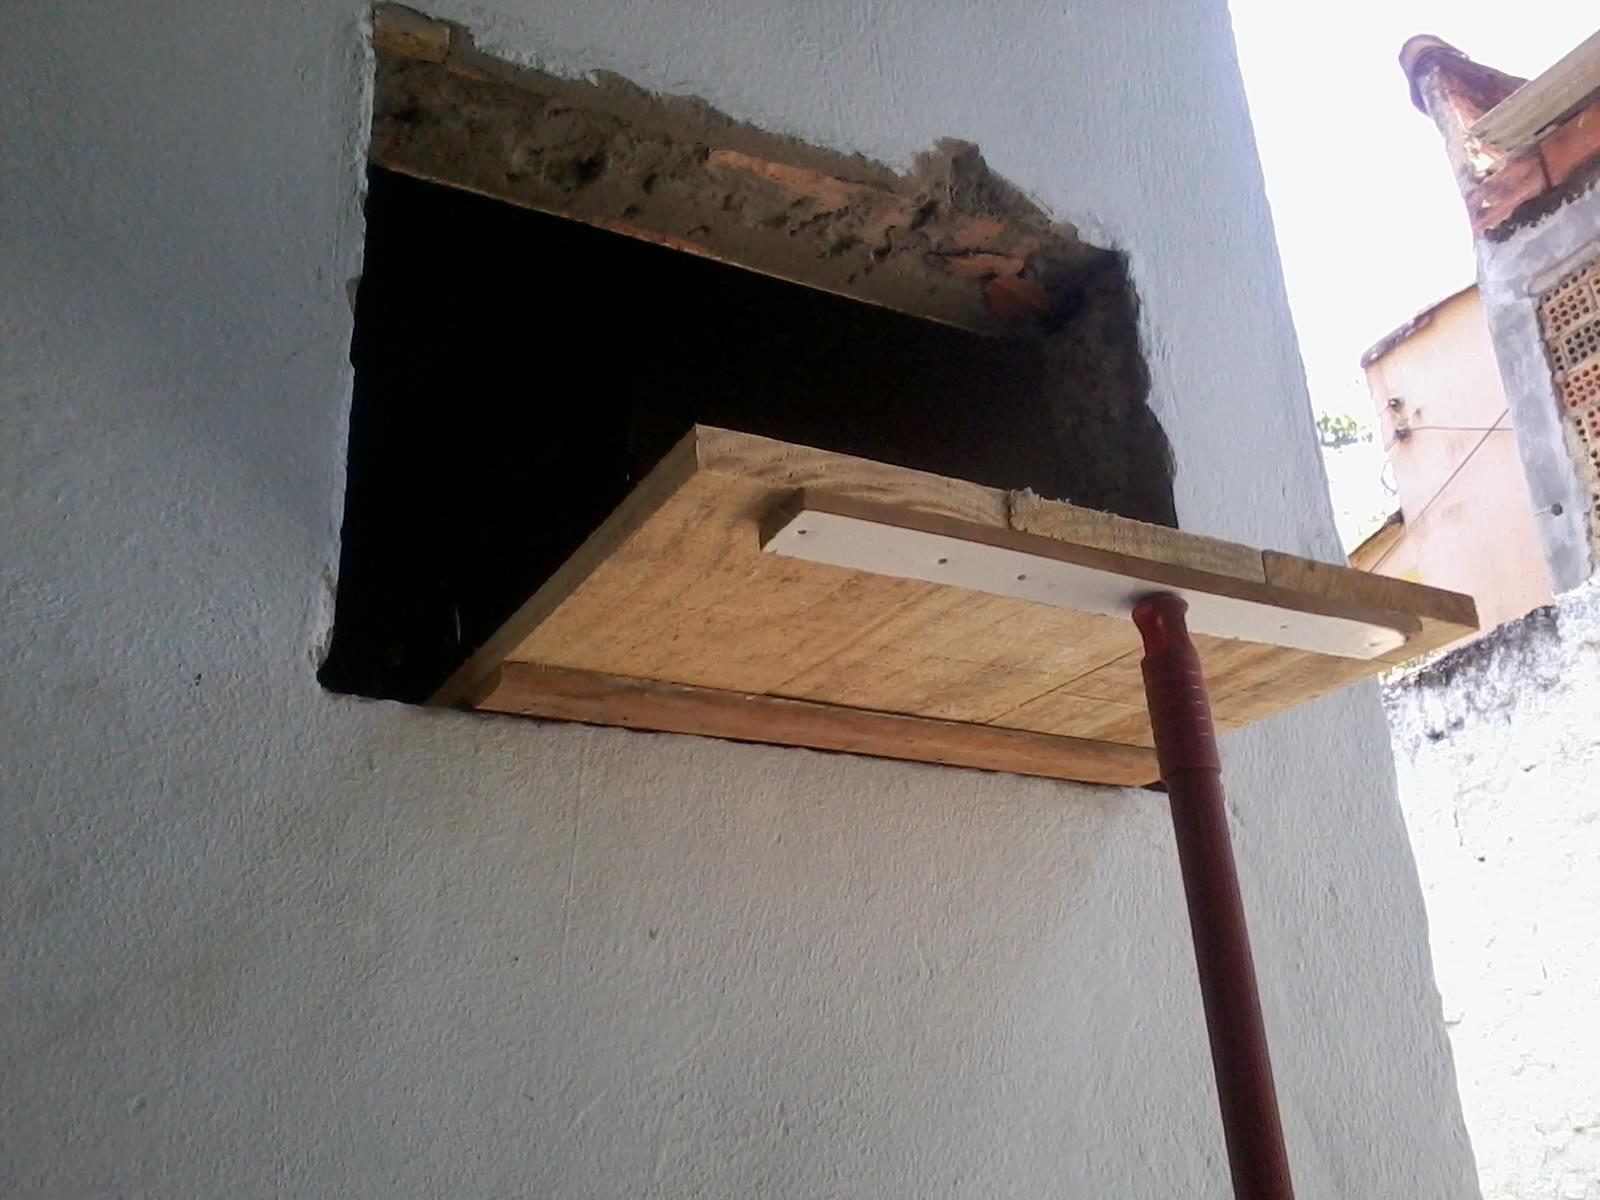 Já sei vou fazer um suporte único sustentado numa outra madeira  #876244 1600x1200